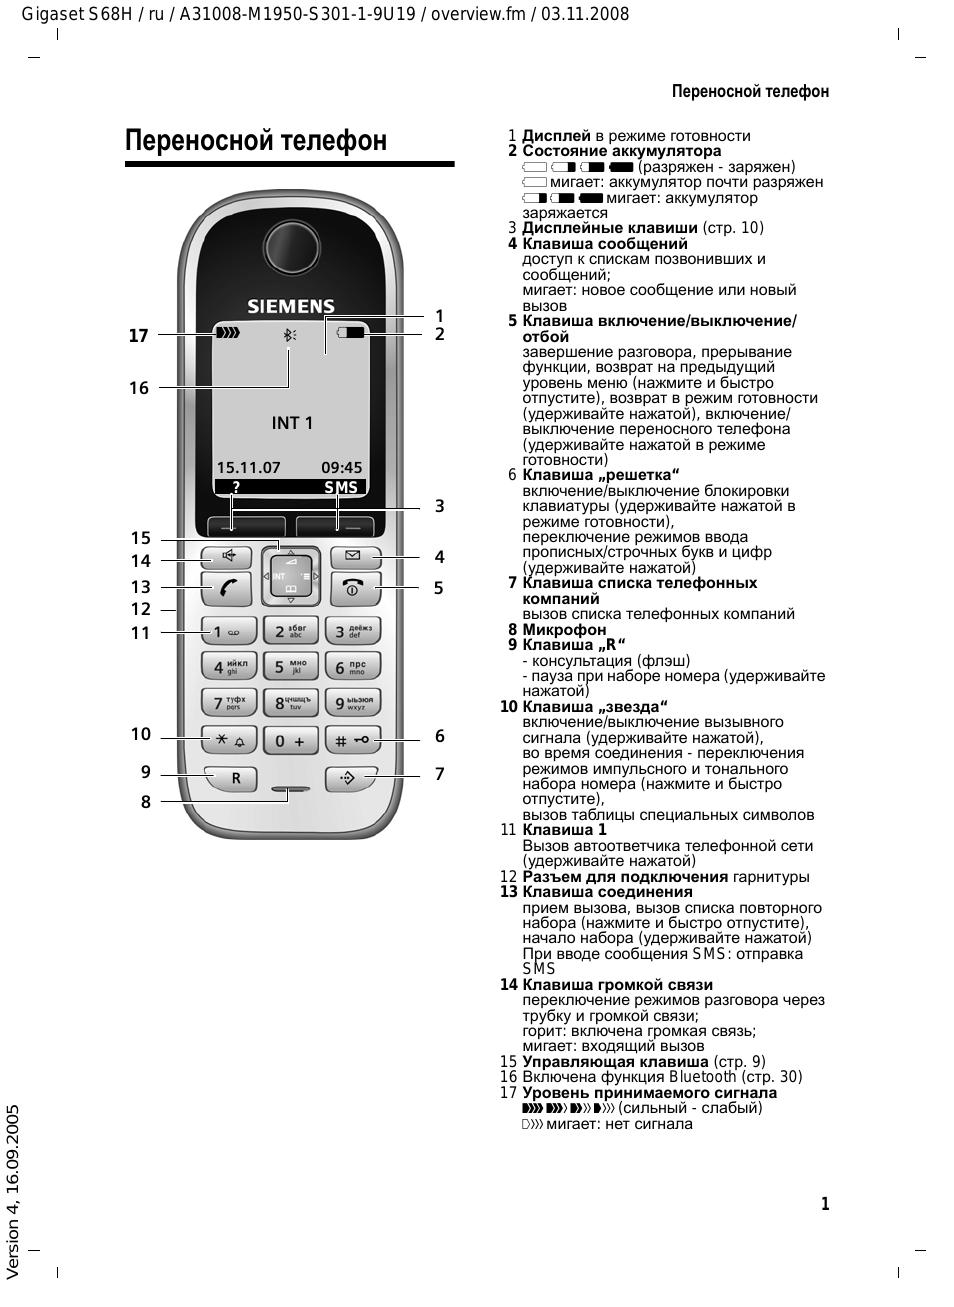 Переносной телефон